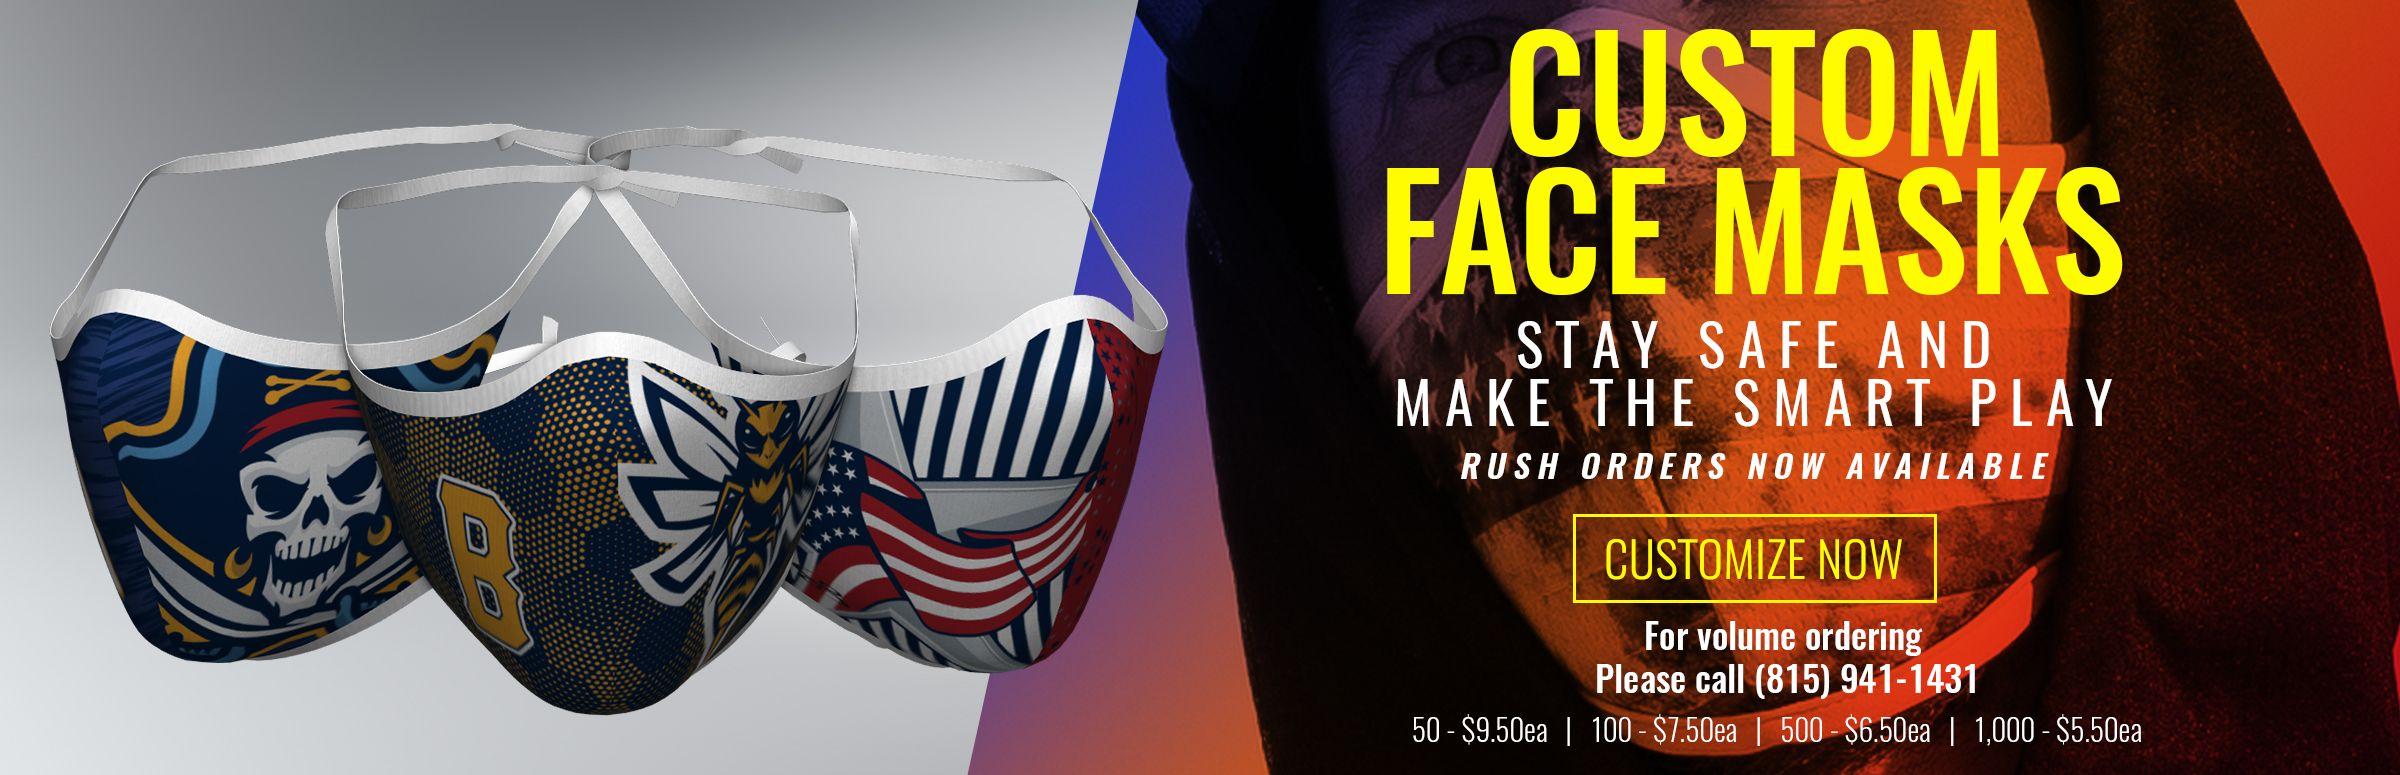 Custom Face Masks Now Available